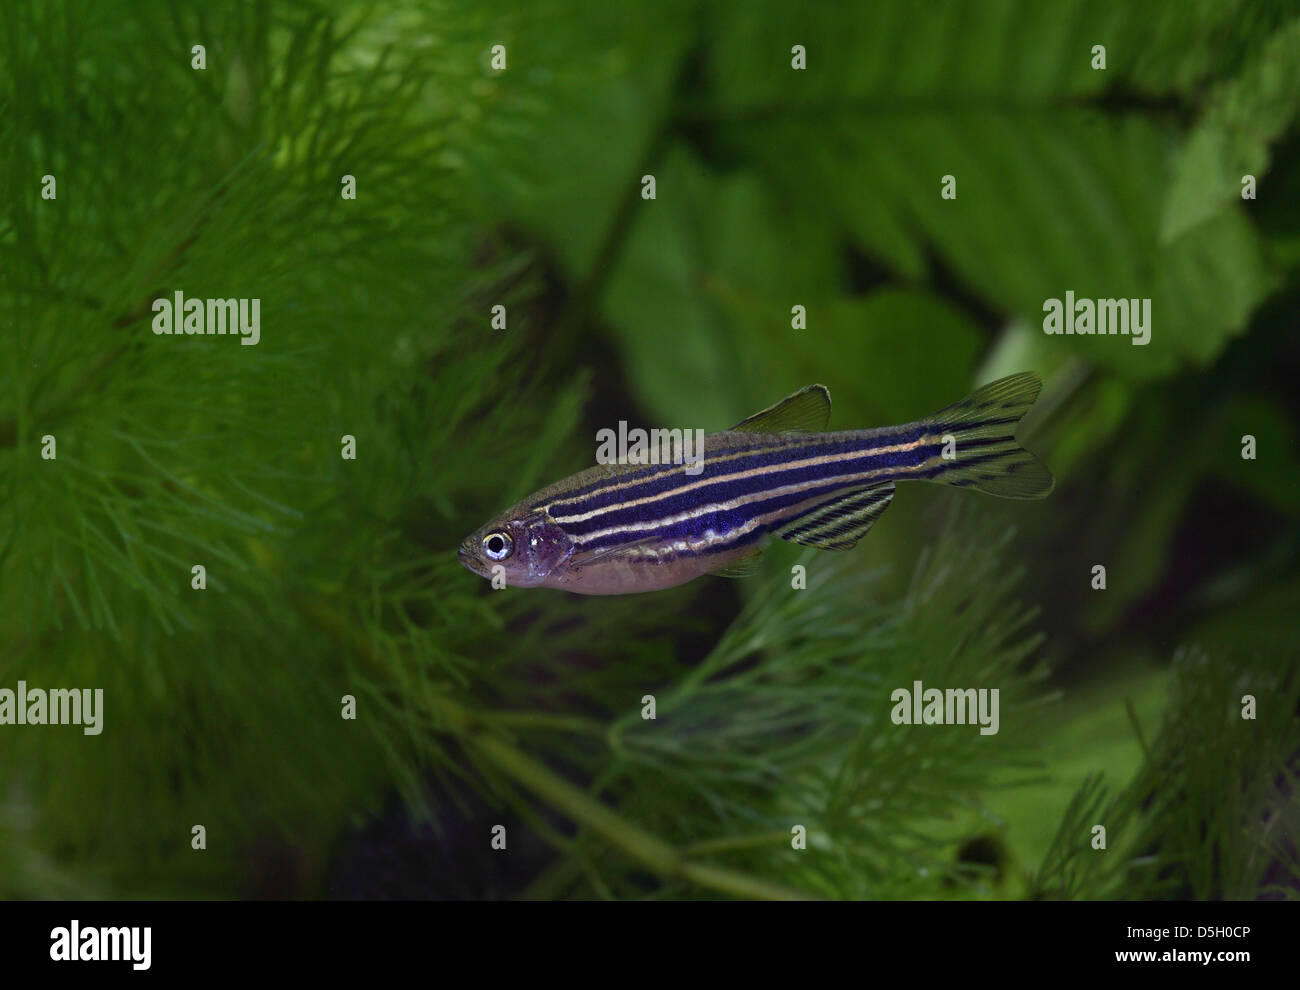 Zebra Danio [ Brachydanio rerio ] in aquarium Stock Photo